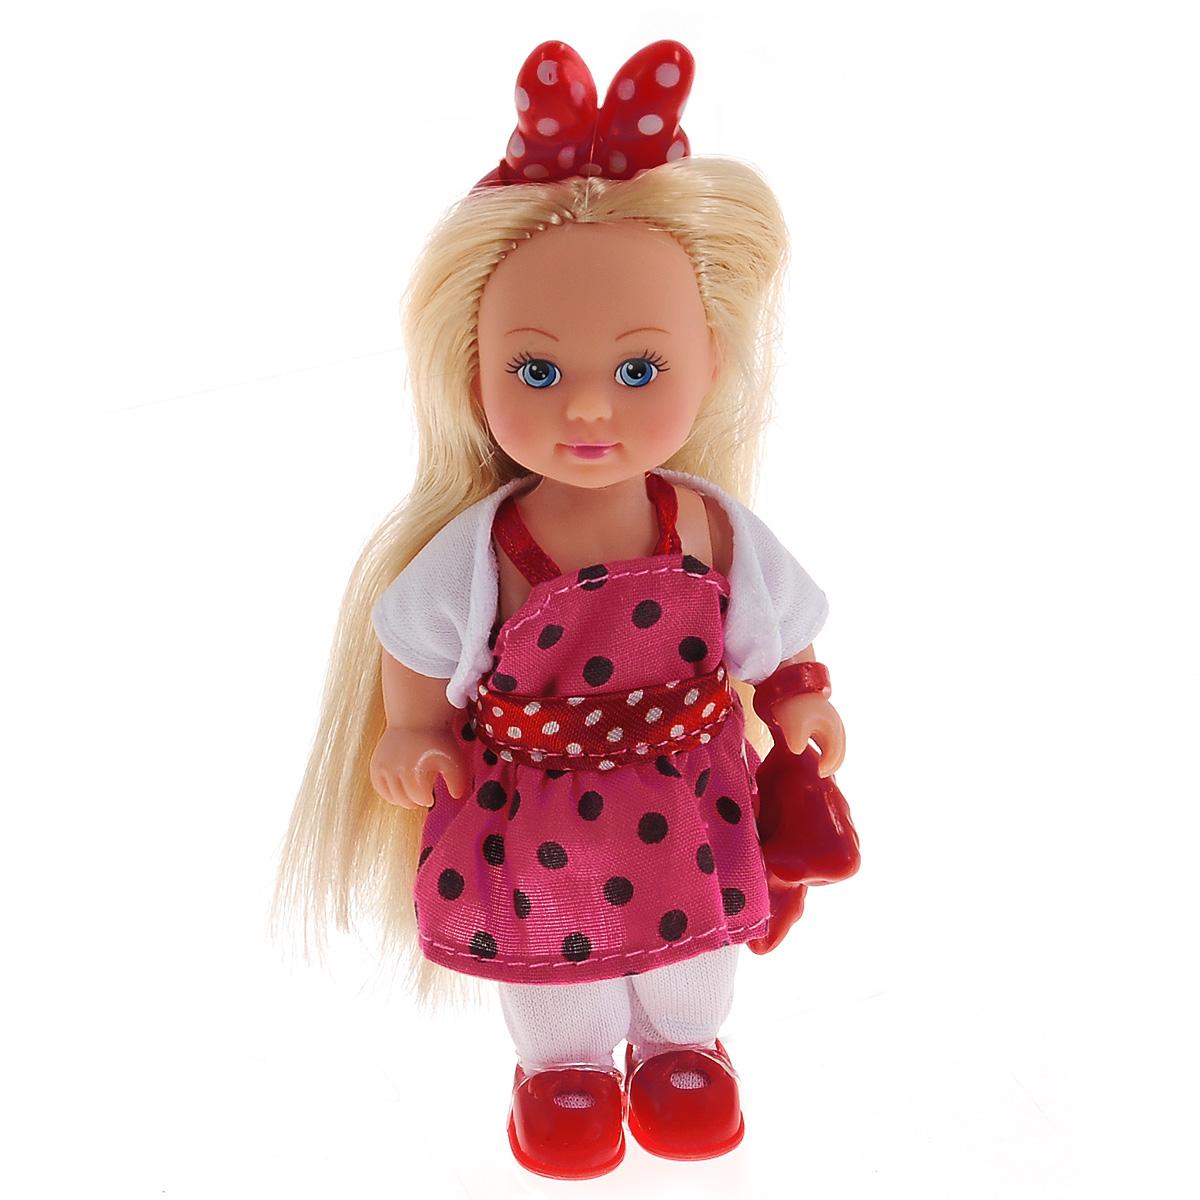 Simba Мини-кукла Еви Minnie Mouse цвет красный белый5746055Кукла Simba Еви: Minnie Mouse порадует любую девочку и надолго увлечет ее. Наряд куклы оформлен в стиле знаменитой героини Диснея Минни Маус. Малышка Еви одета в стильное платье, украшенное принтом в горошек, белое болеро и брюки, на голове у нее - оригинальный бант. Вашей дочурке непременно понравится заплетать длинные белокурые волосы куклы, придумывая разнообразные прически. Руки, ноги и голова куклы подвижны, благодаря чему ей можно придавать разнообразные позы. Игры с куклой способствуют эмоциональному развитию, помогают формировать воображение и художественный вкус, а также разовьют в вашей малышке чувство ответственности и заботы. Великолепное качество исполнения делают эту куколку чудесным подарком к любому празднику.